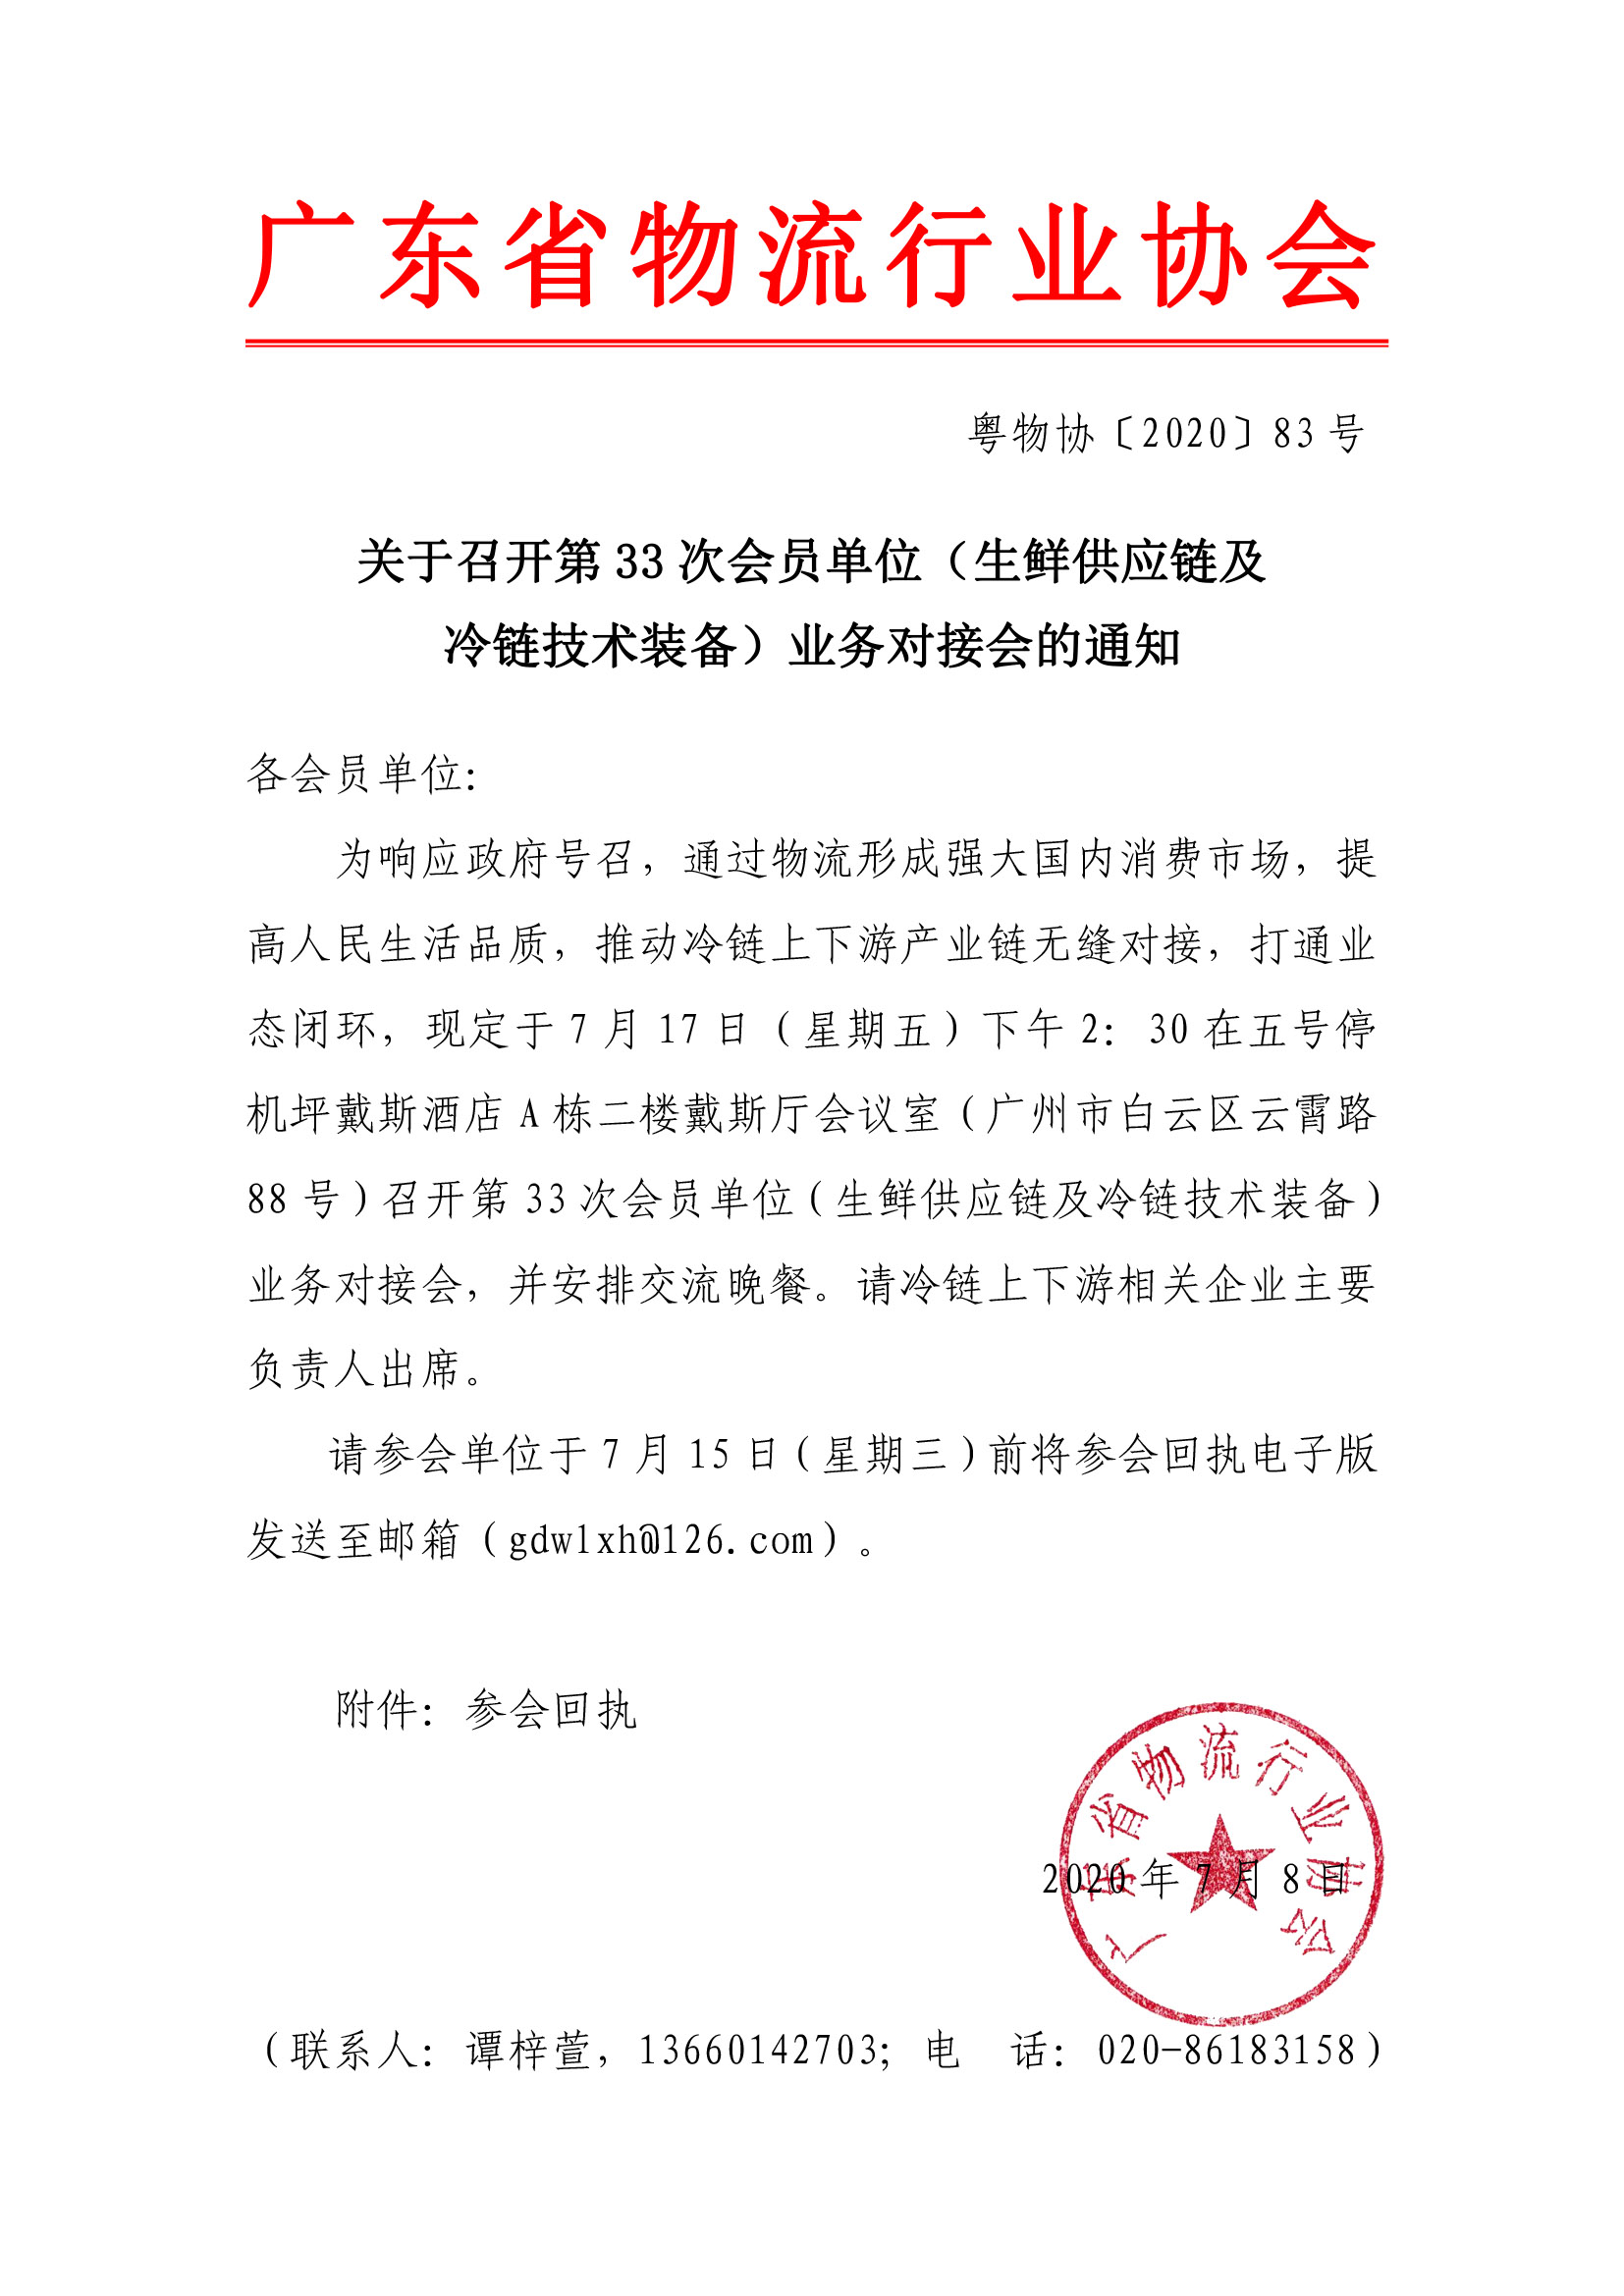 关于召开第33次会员单位(生鲜供应链及冷链技术装备)业务对接会的通知(1).jpg